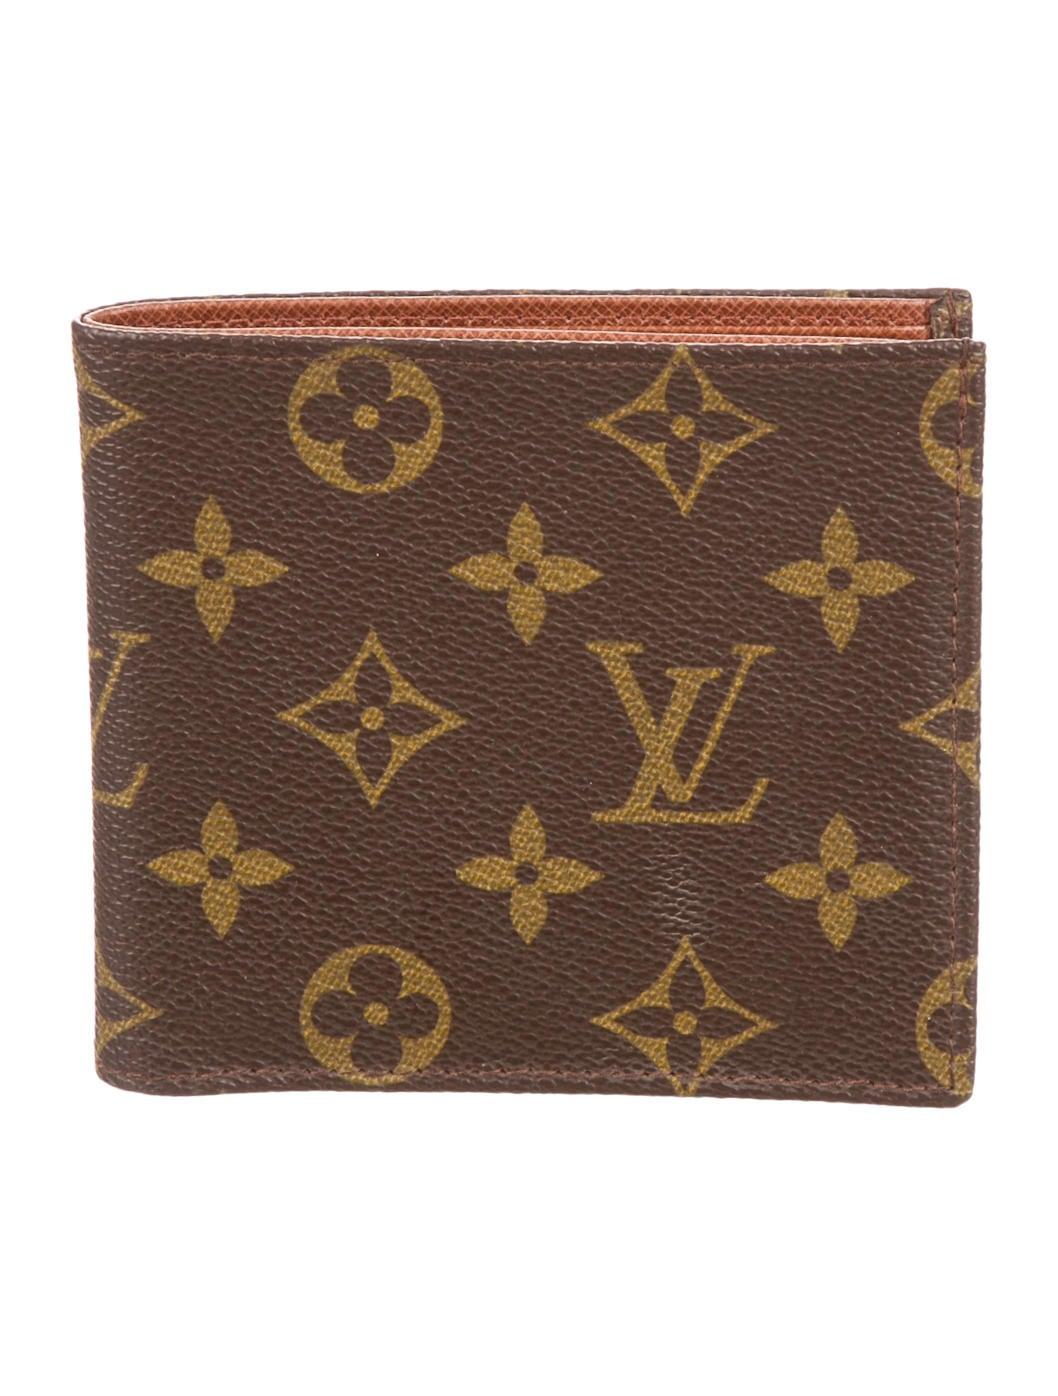 louis vuitton monogram multiple wallet accessories